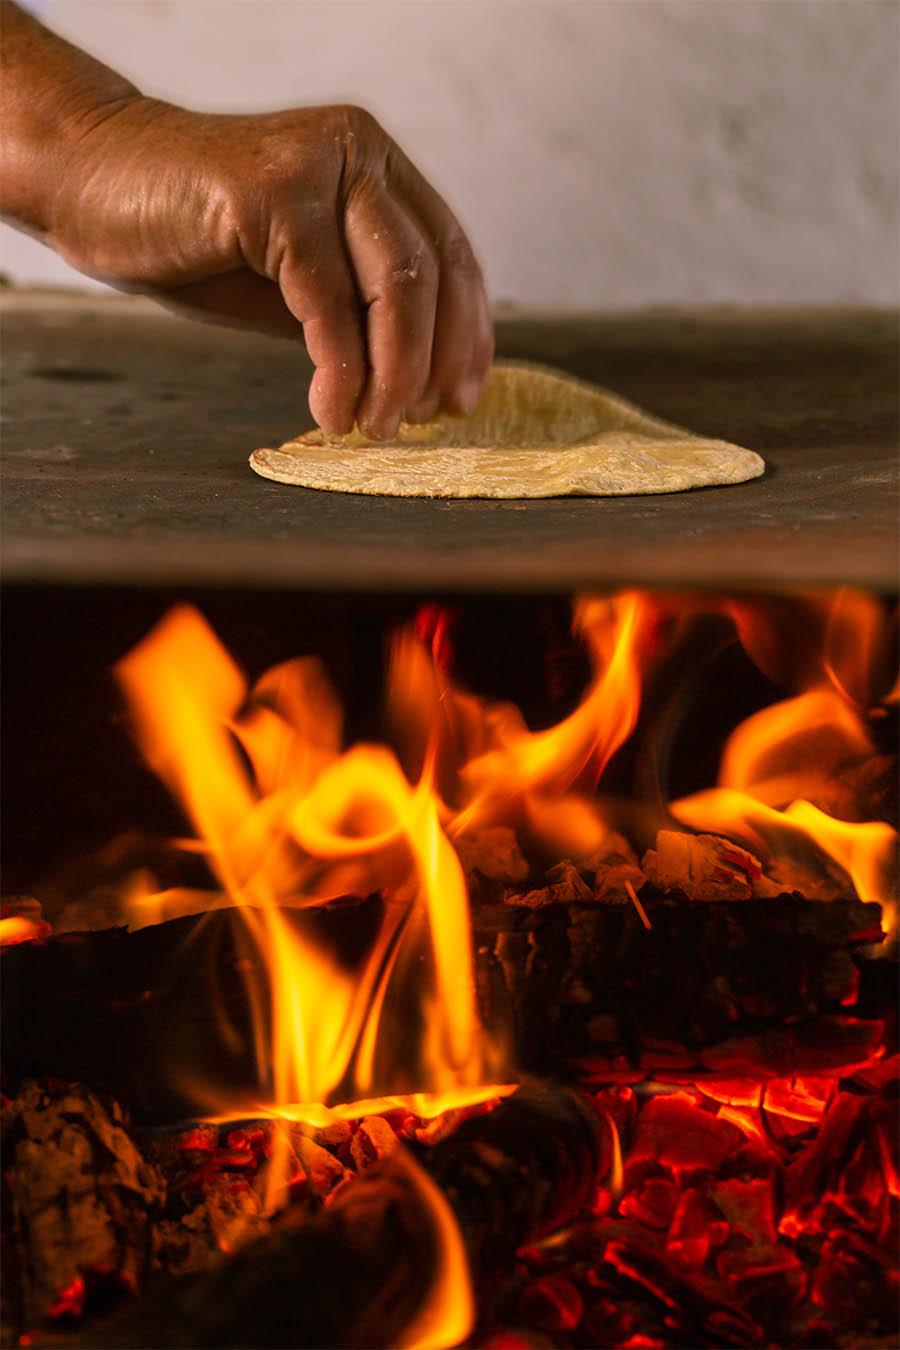 comales de barro tortillas al comal mexicano cocineras tradicionales tortillas artesanales